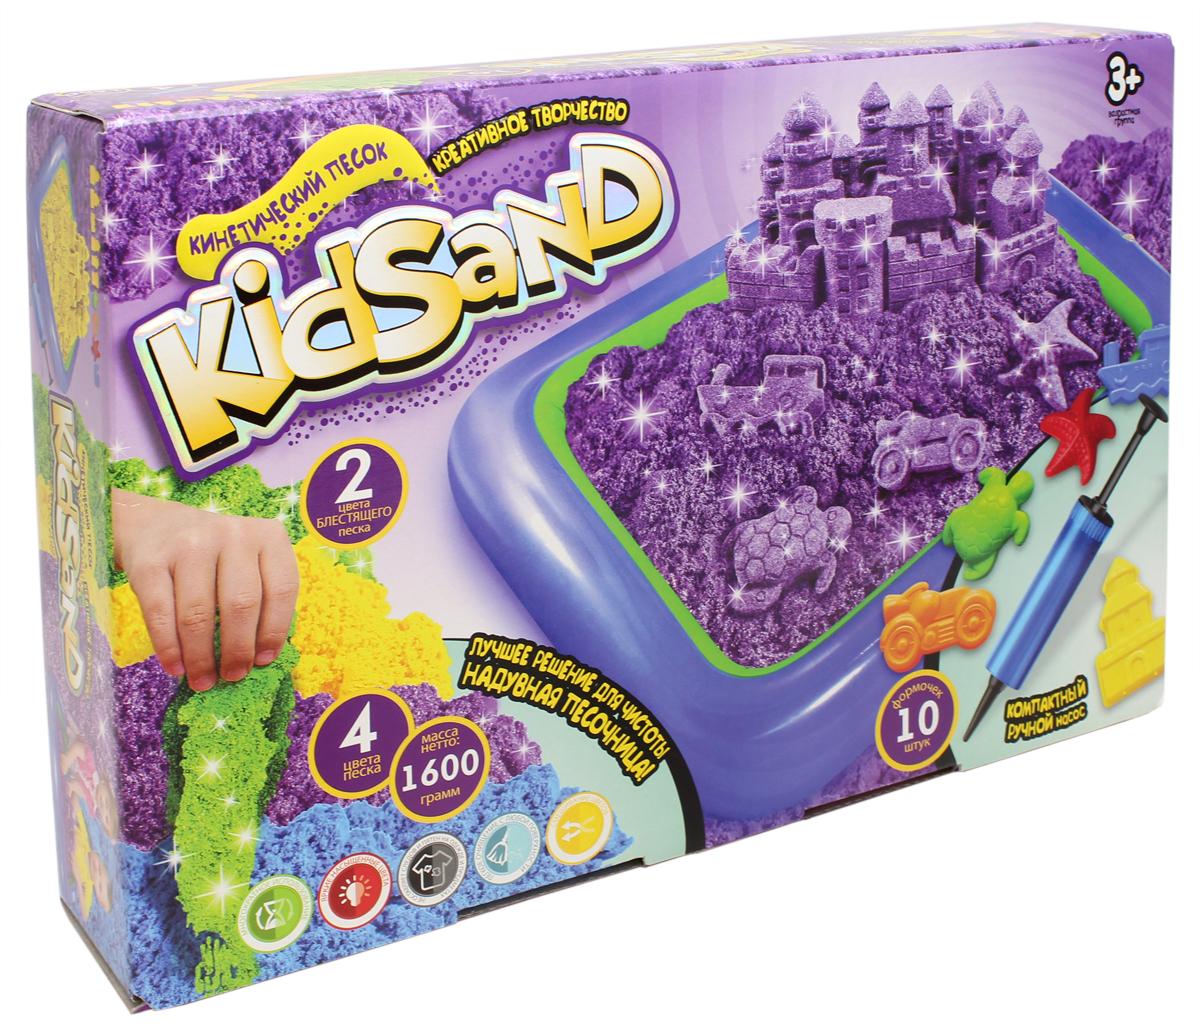 Danko Toys Кинетический песок Kidsand 4 цвета 1,6 кг